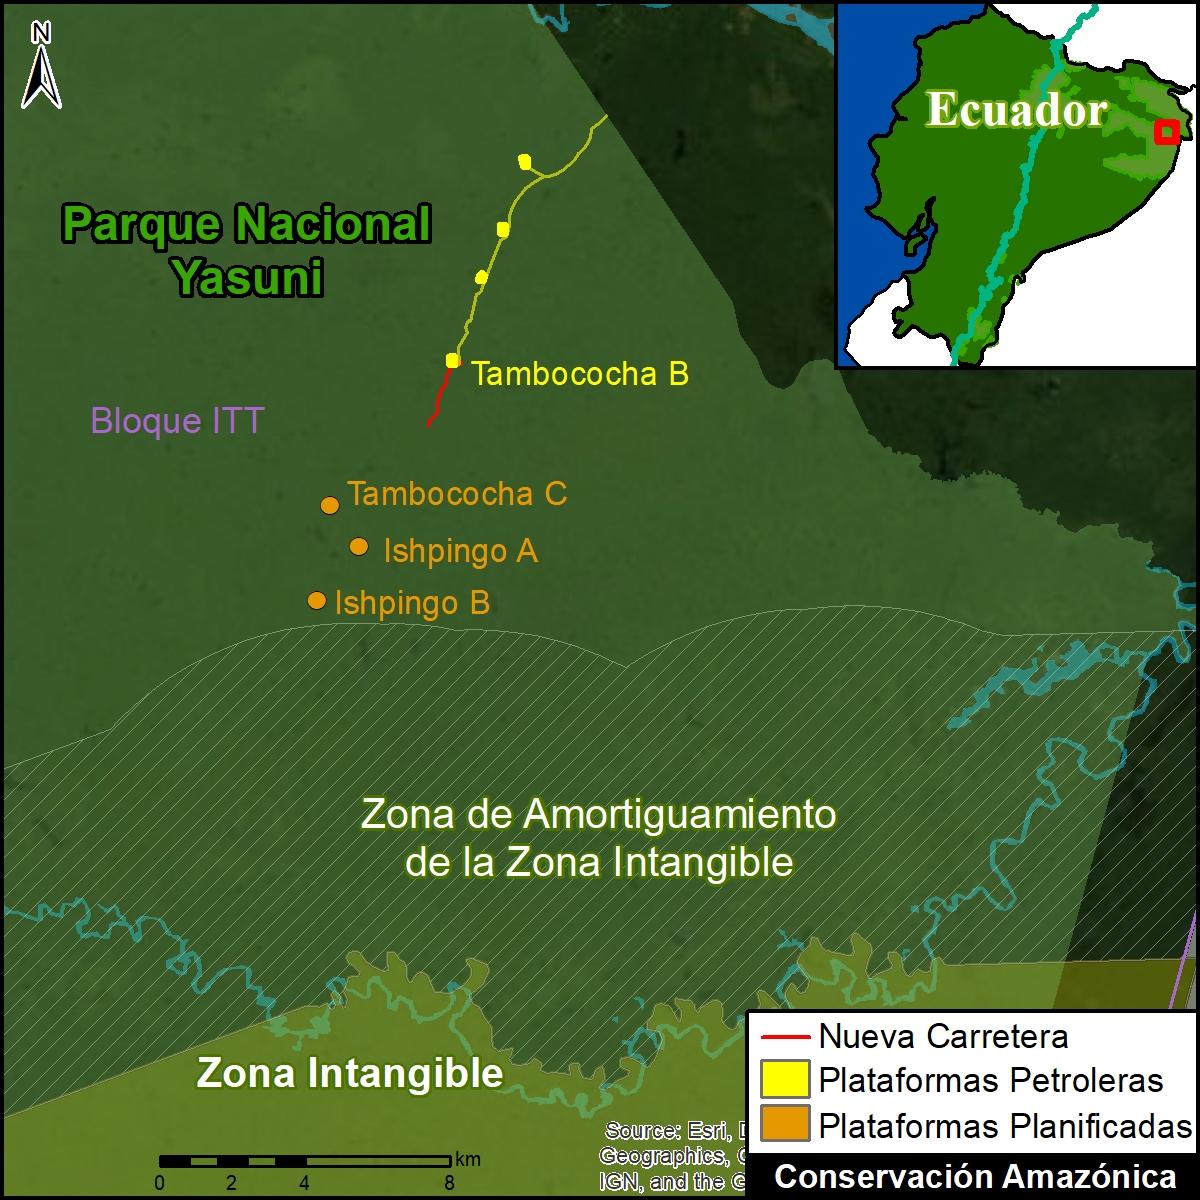 Carretera parque Yasuní. La nueva carretera (en rojo) se acerca plataformas planificadas cerca de la Zona Intangible. Datos: MAAP.